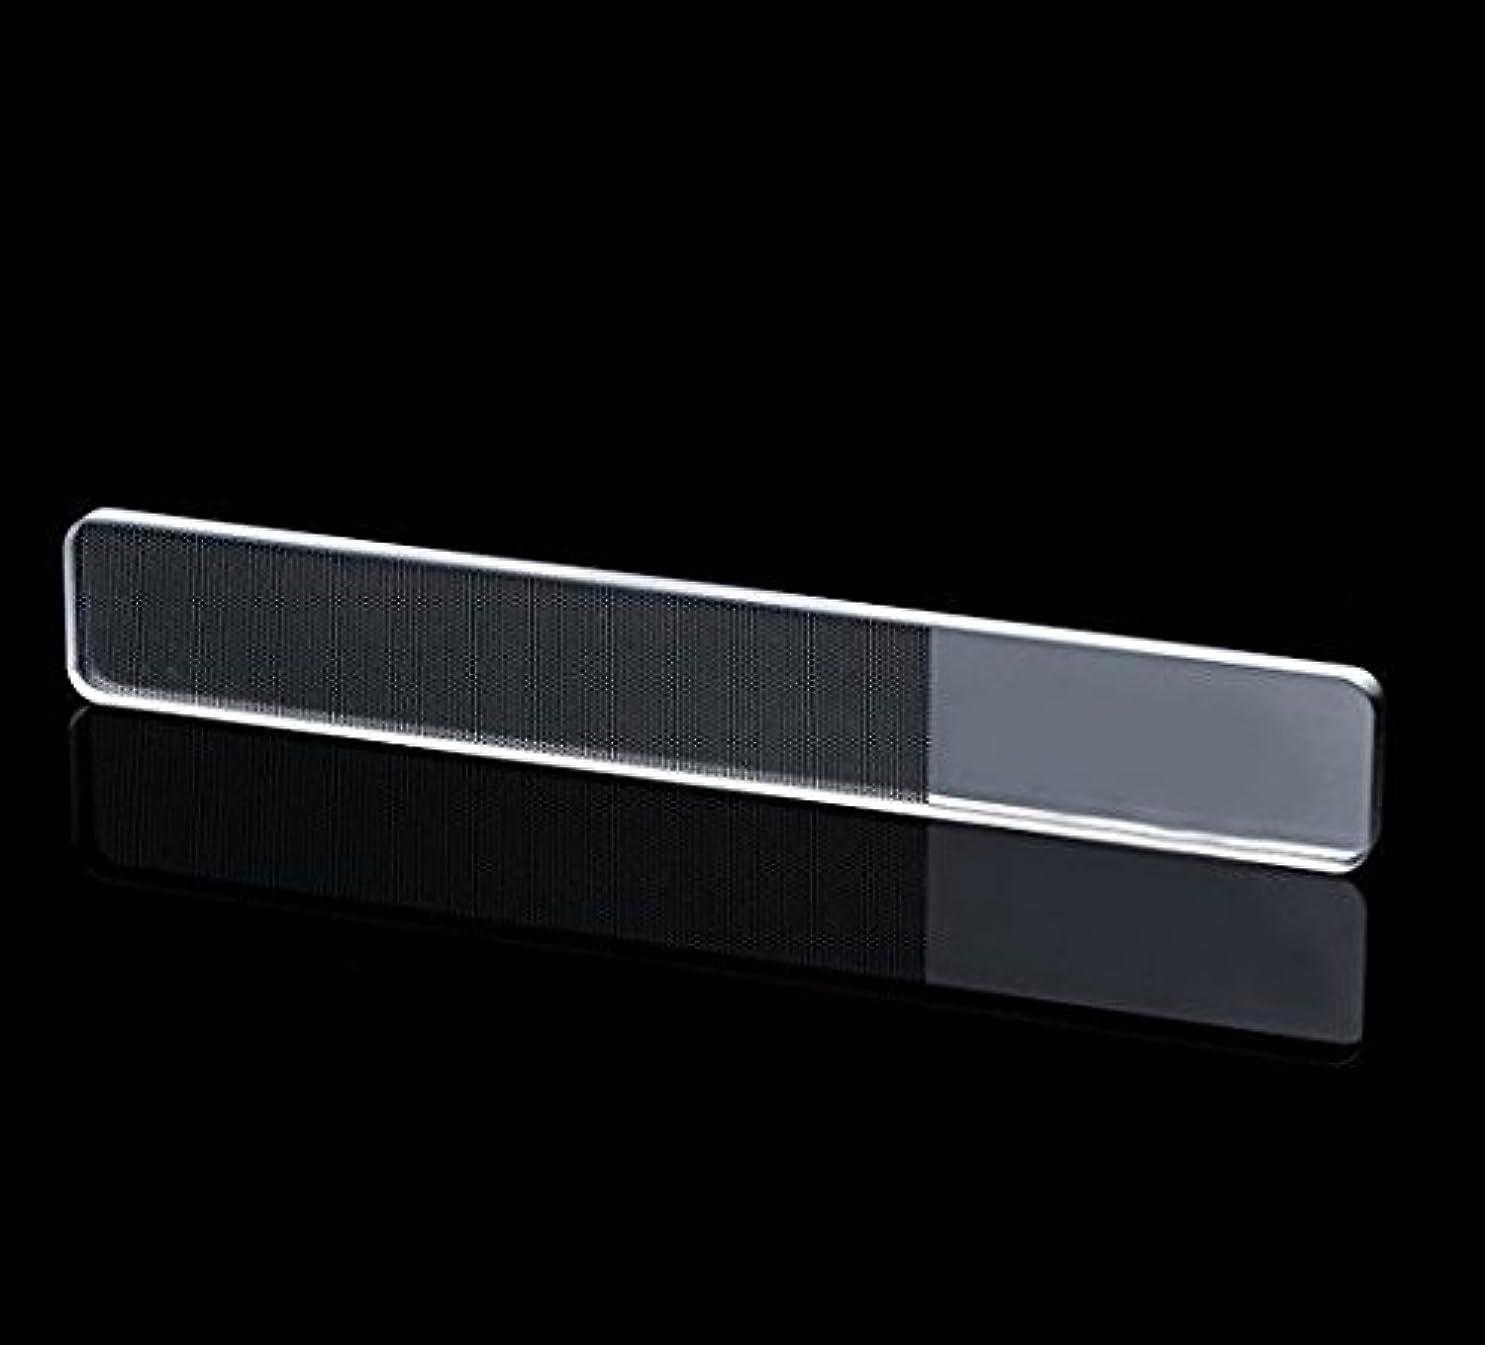 コンデンサーサービス拡張爪磨き ガラス製 爪やすり NISAネイルシャイナー ガラス棒のシャイナー チェコの職人が仕上げたつめやすり ピカピカネイルファイル ネイルケア ツルツルネイルネイル ネイルケア&トップコートの輝きが4週間持続 爪磨き ...